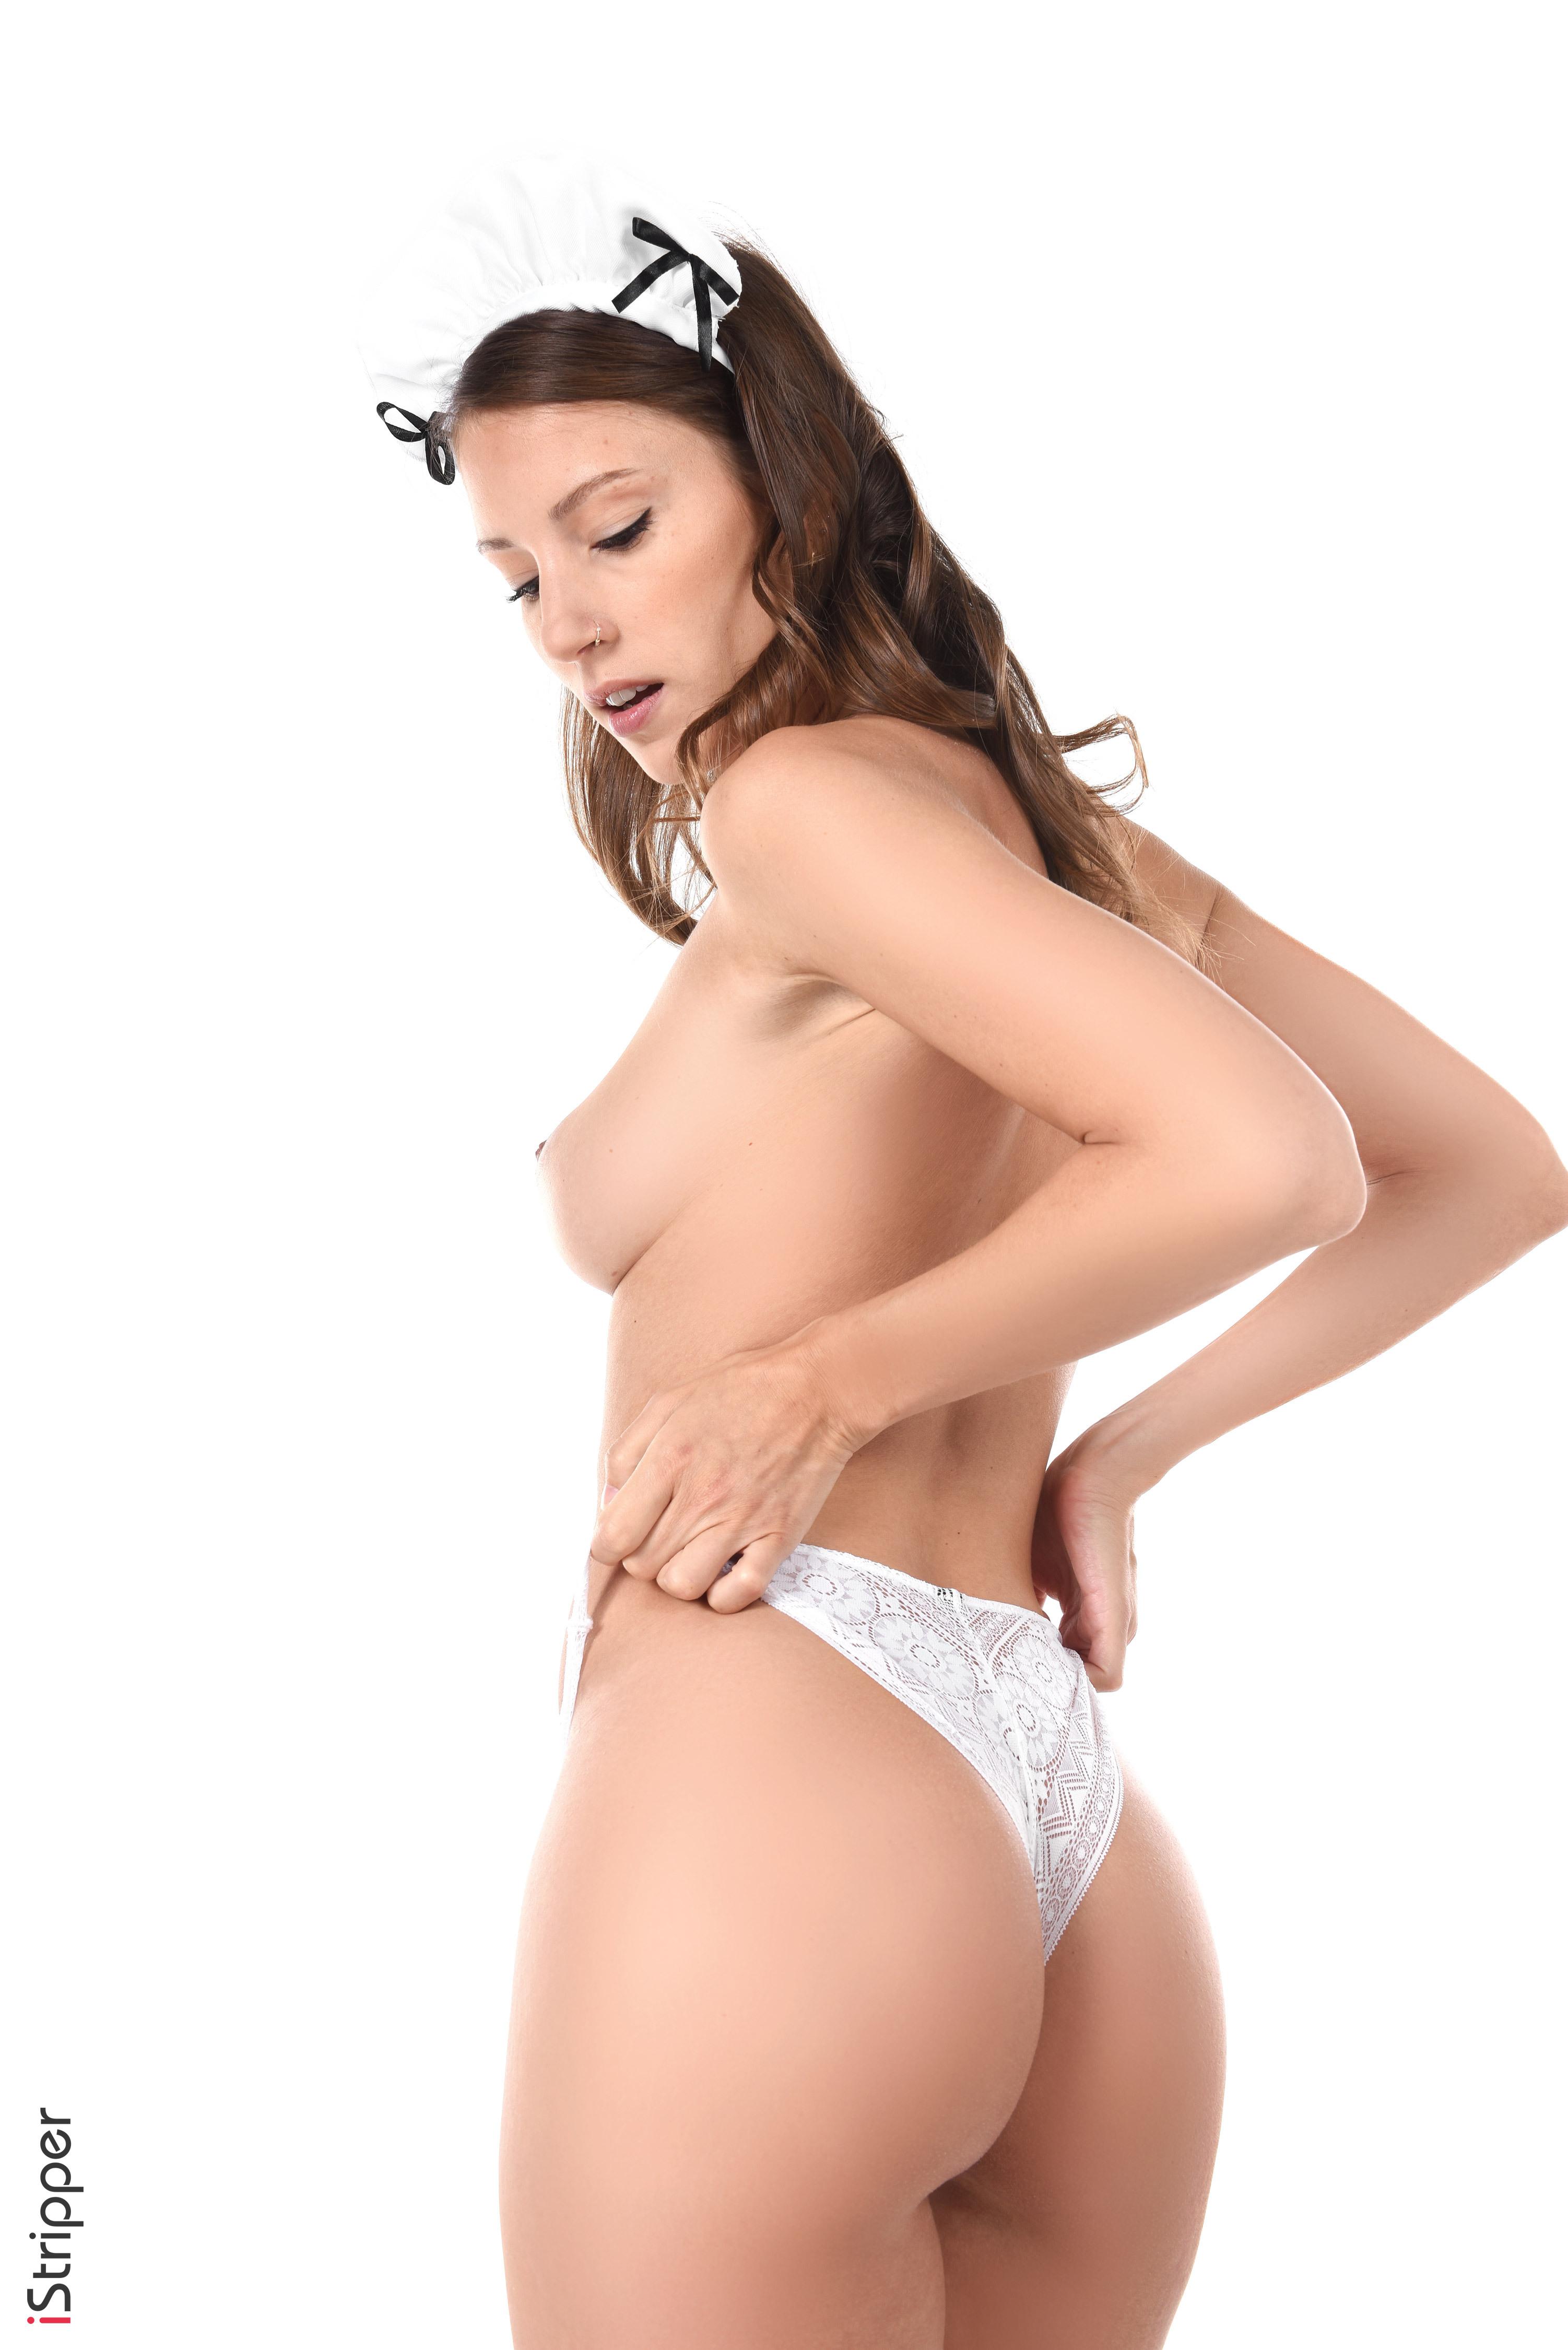 sexy amateur striptease chubby